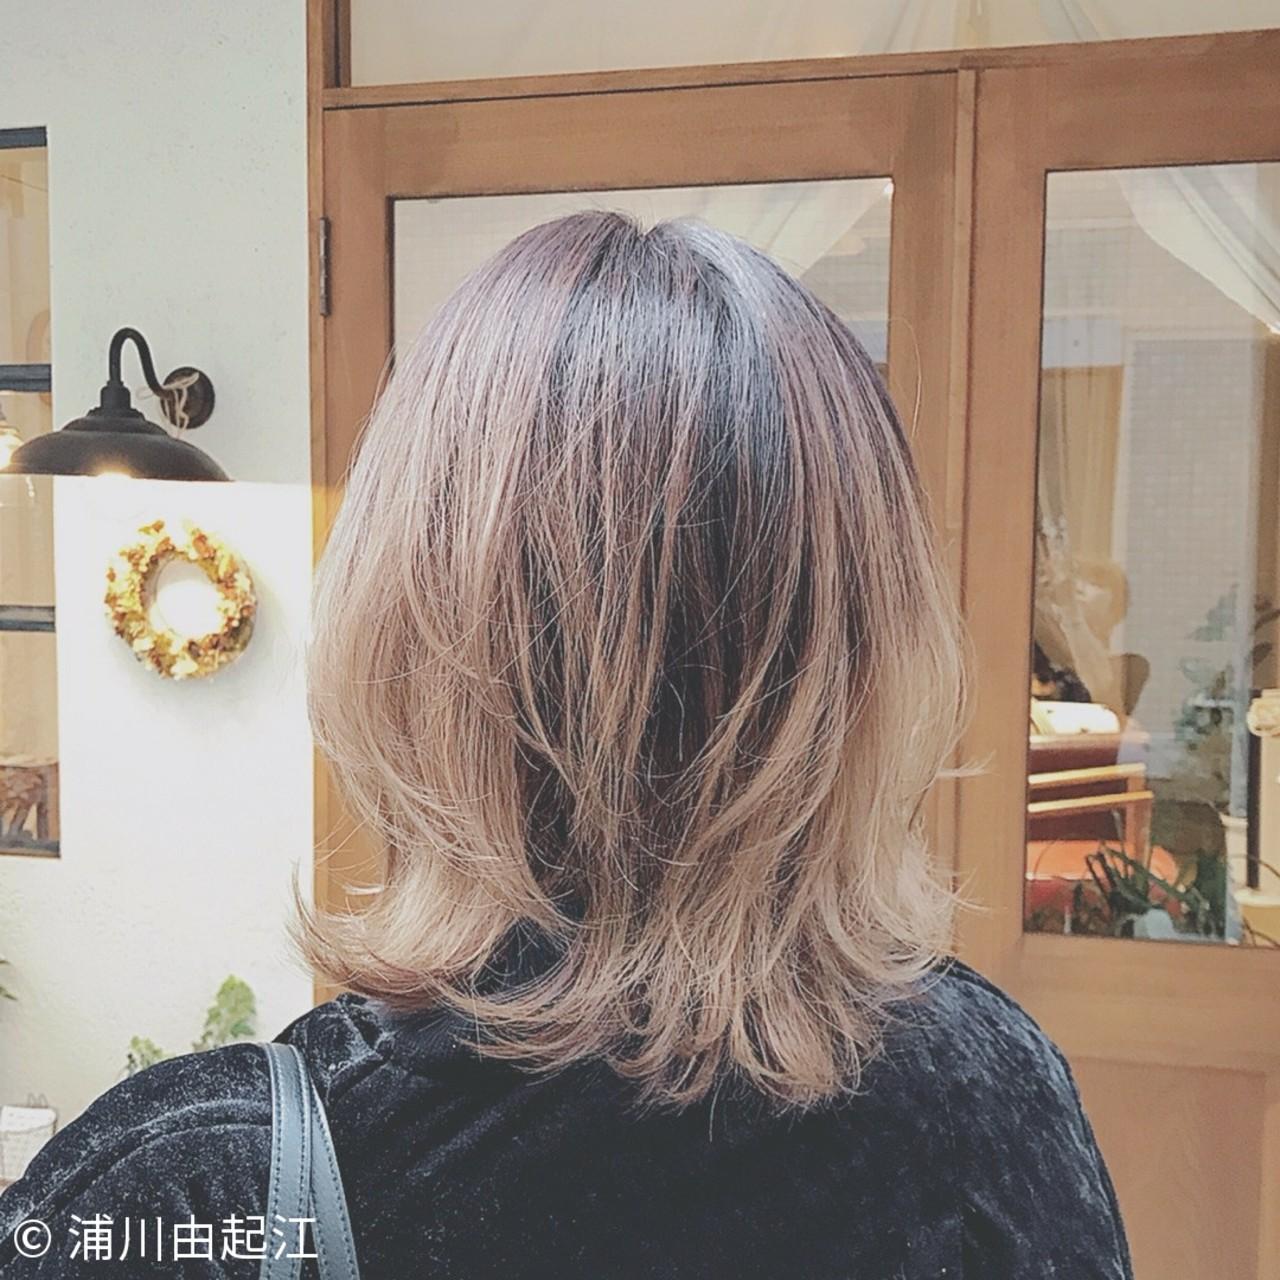 デート ナチュラル アンニュイほつれヘア ゆるふわ ヘアスタイルや髪型の写真・画像